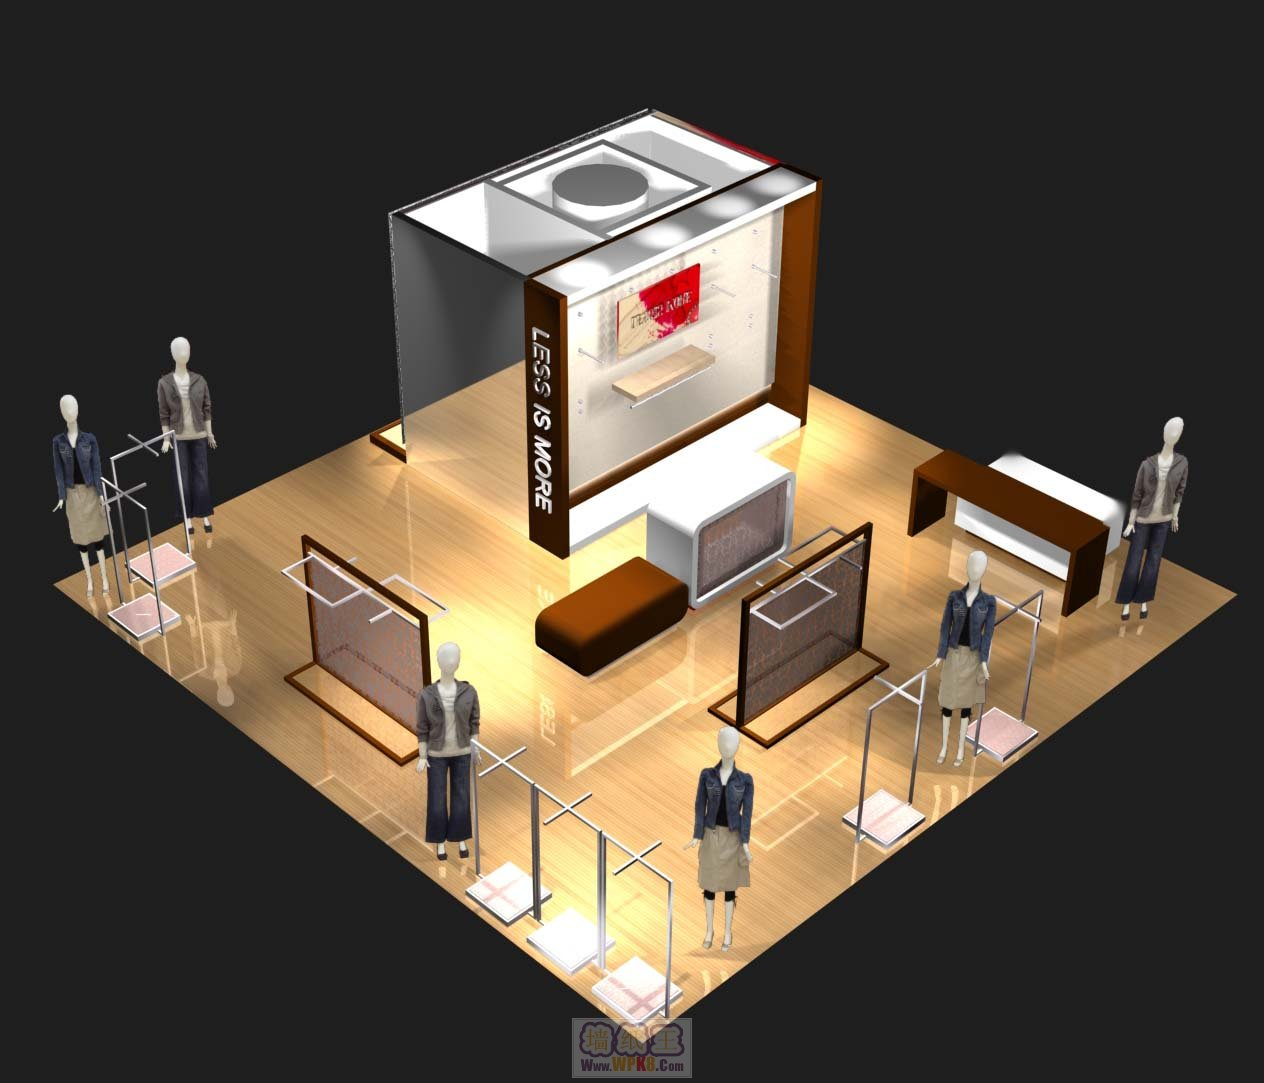 服装店铺装修设计图_服装店铺装修设计图设计